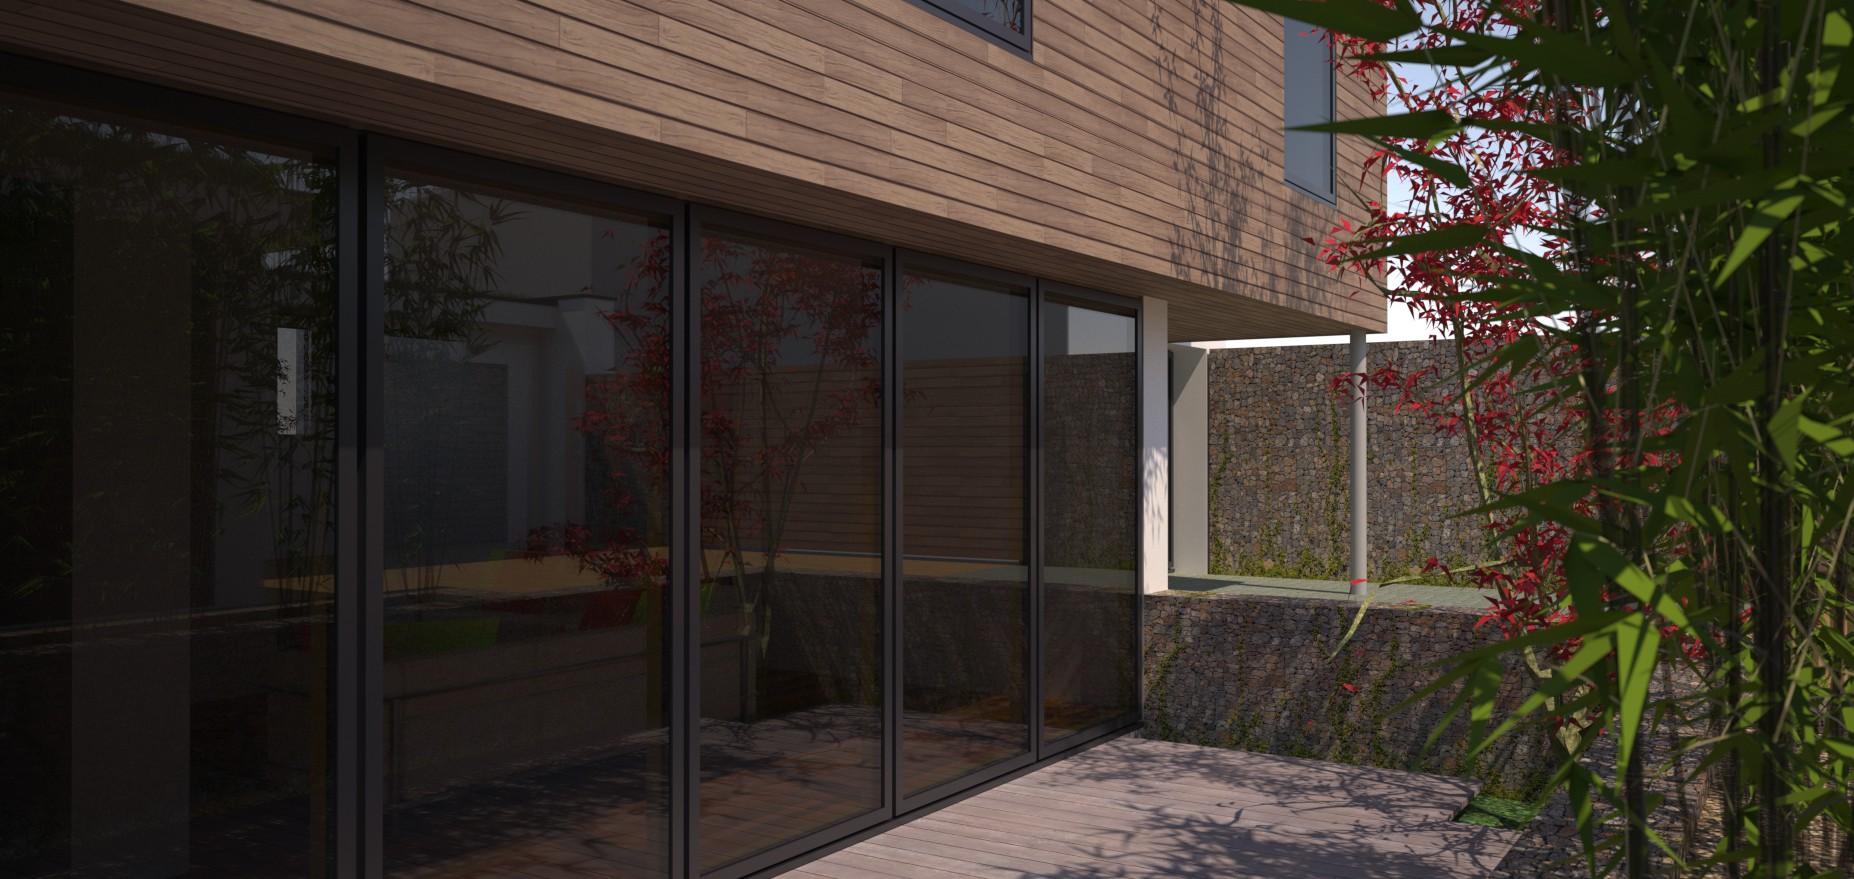 Courtyard-house-Courtyard2